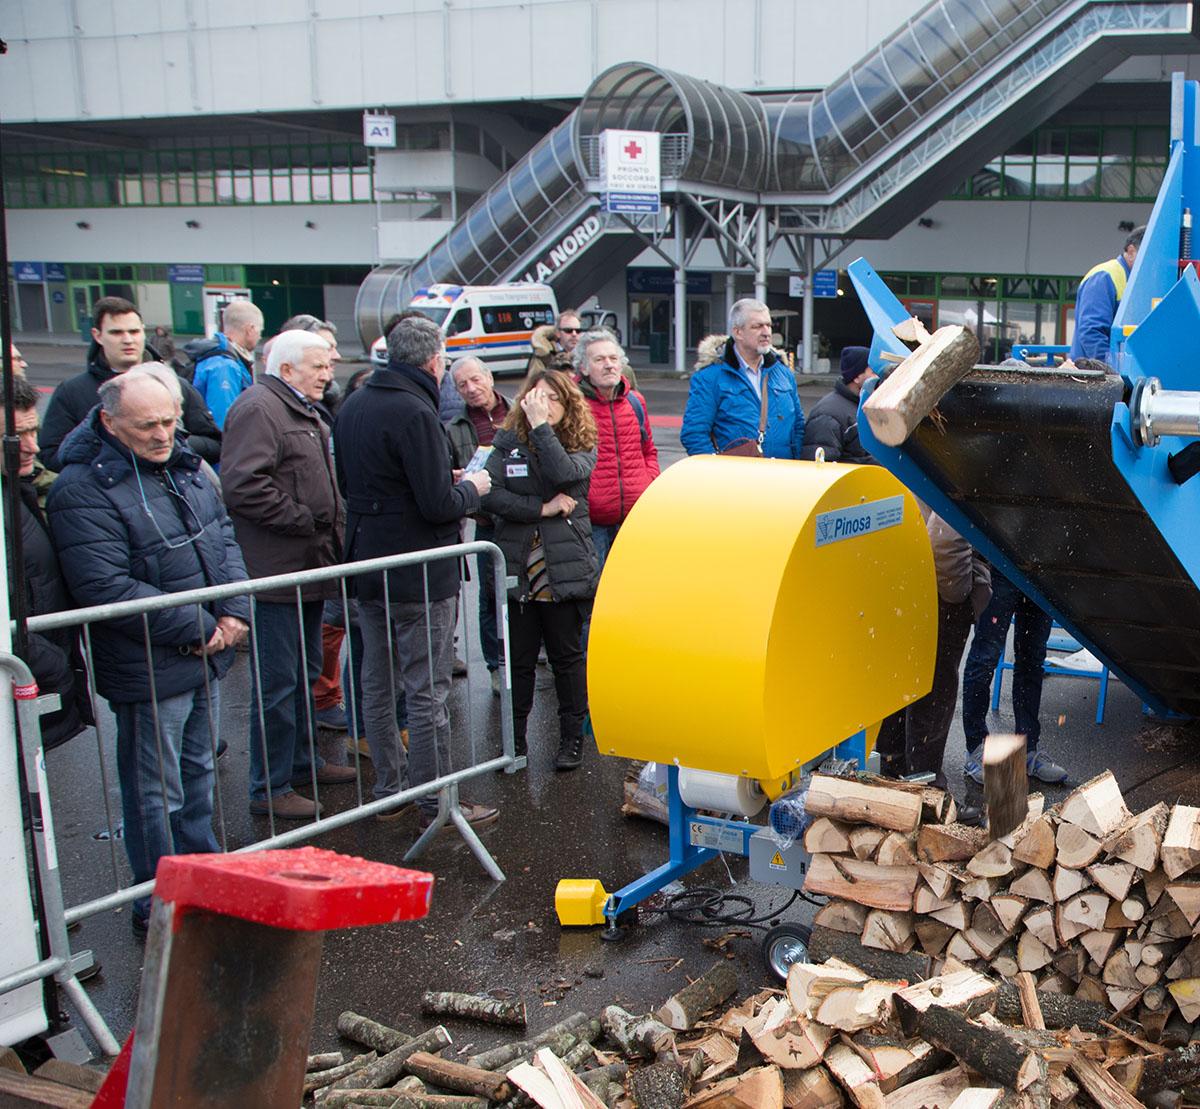 Gruppo di persone osserva una macchina spacca legna in funzione alla fiera Progetto Fuoco